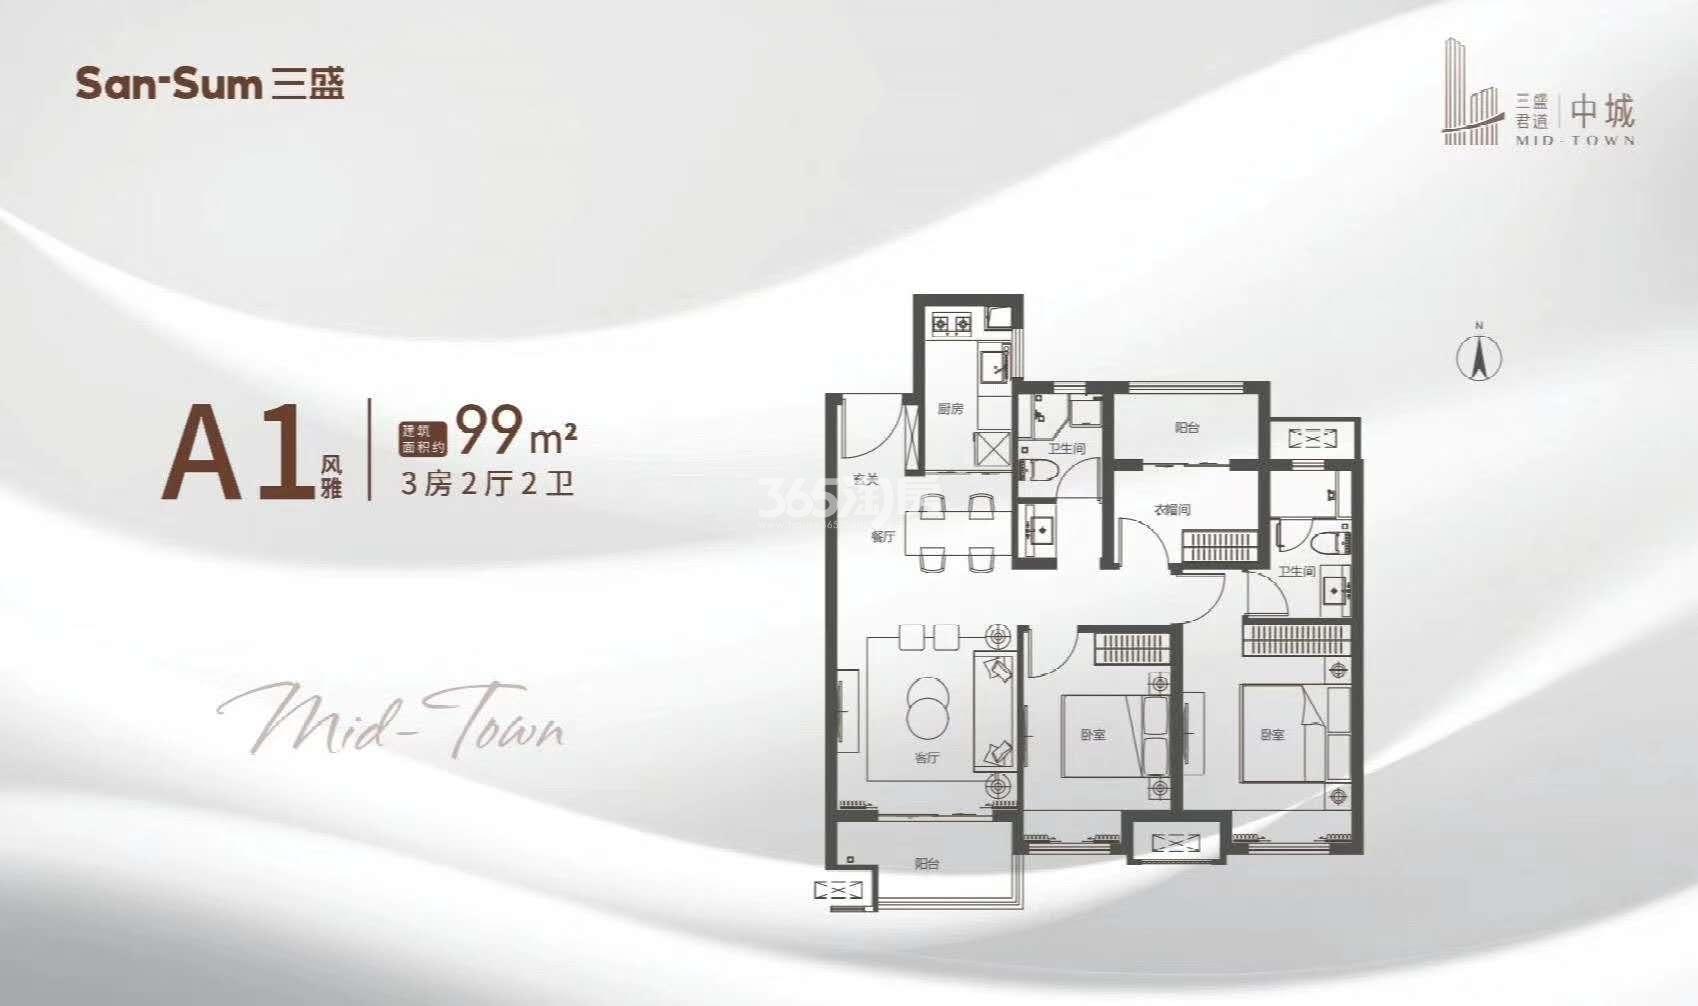 三盛中城A1户型图(约99㎡)